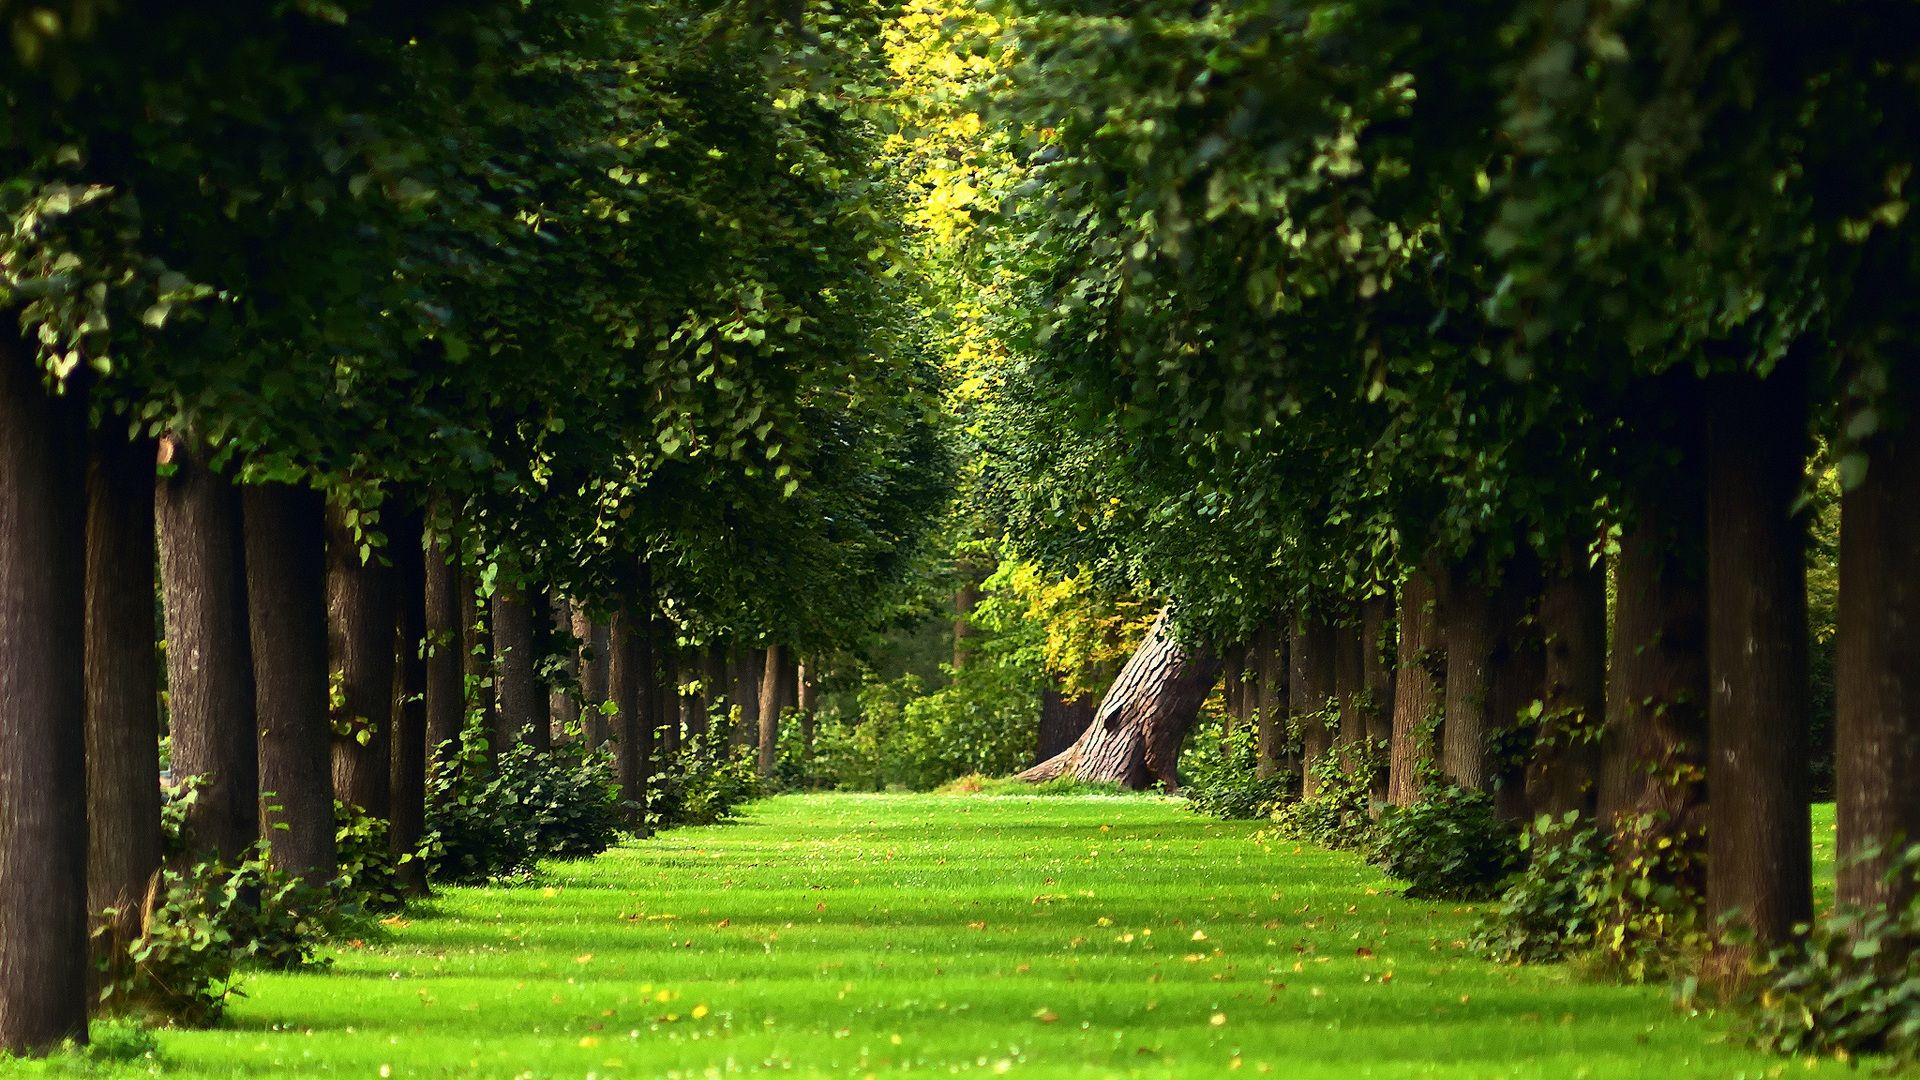 El bosque natural verano verde césped camino Fondos de pantalla ...